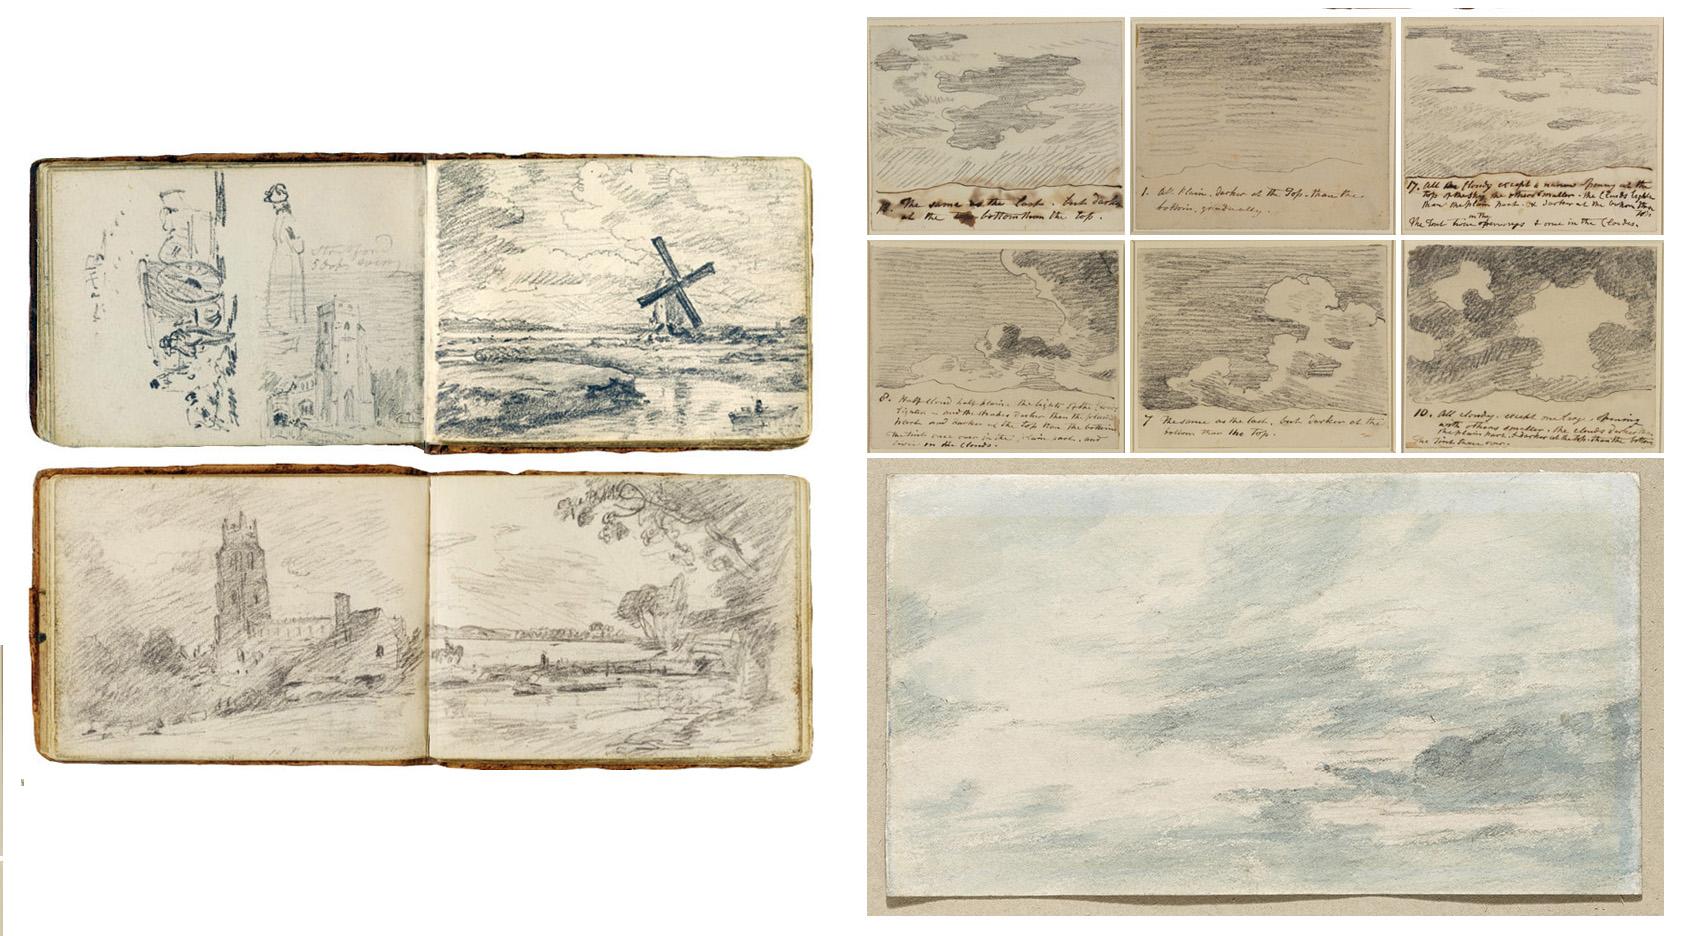 Alcuni dei quaderni che Constable utilizzava per i bozzetti delle opere